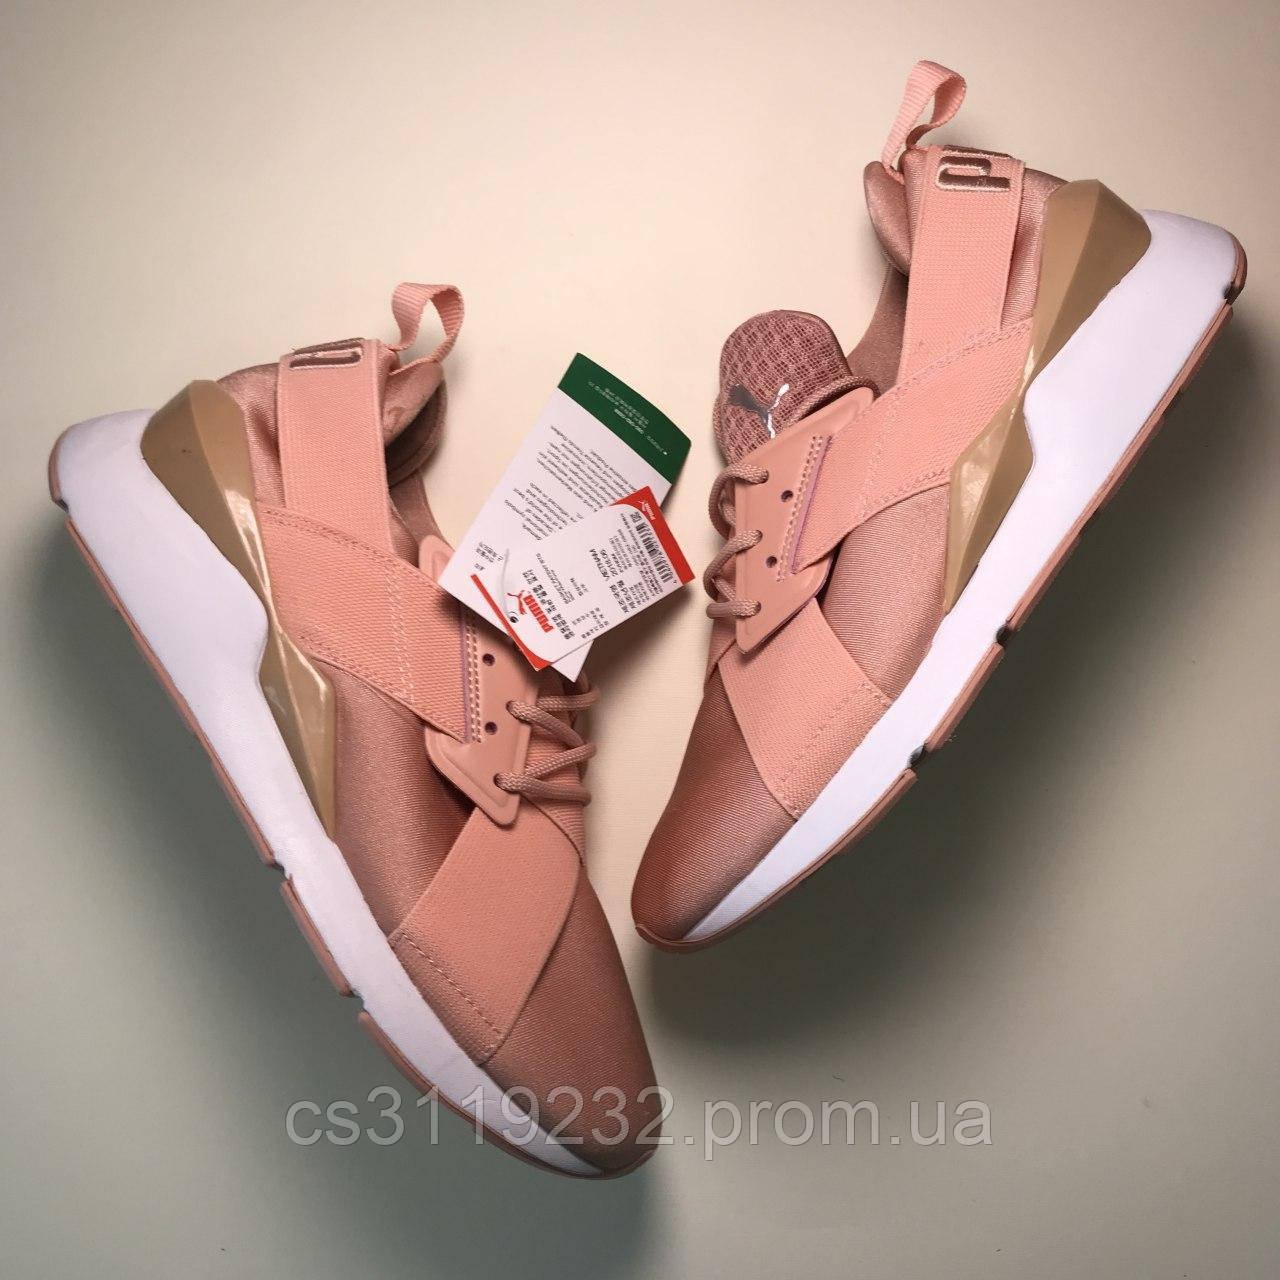 Жіночі кросівки Puma Muse Metal Pink (рожеві)